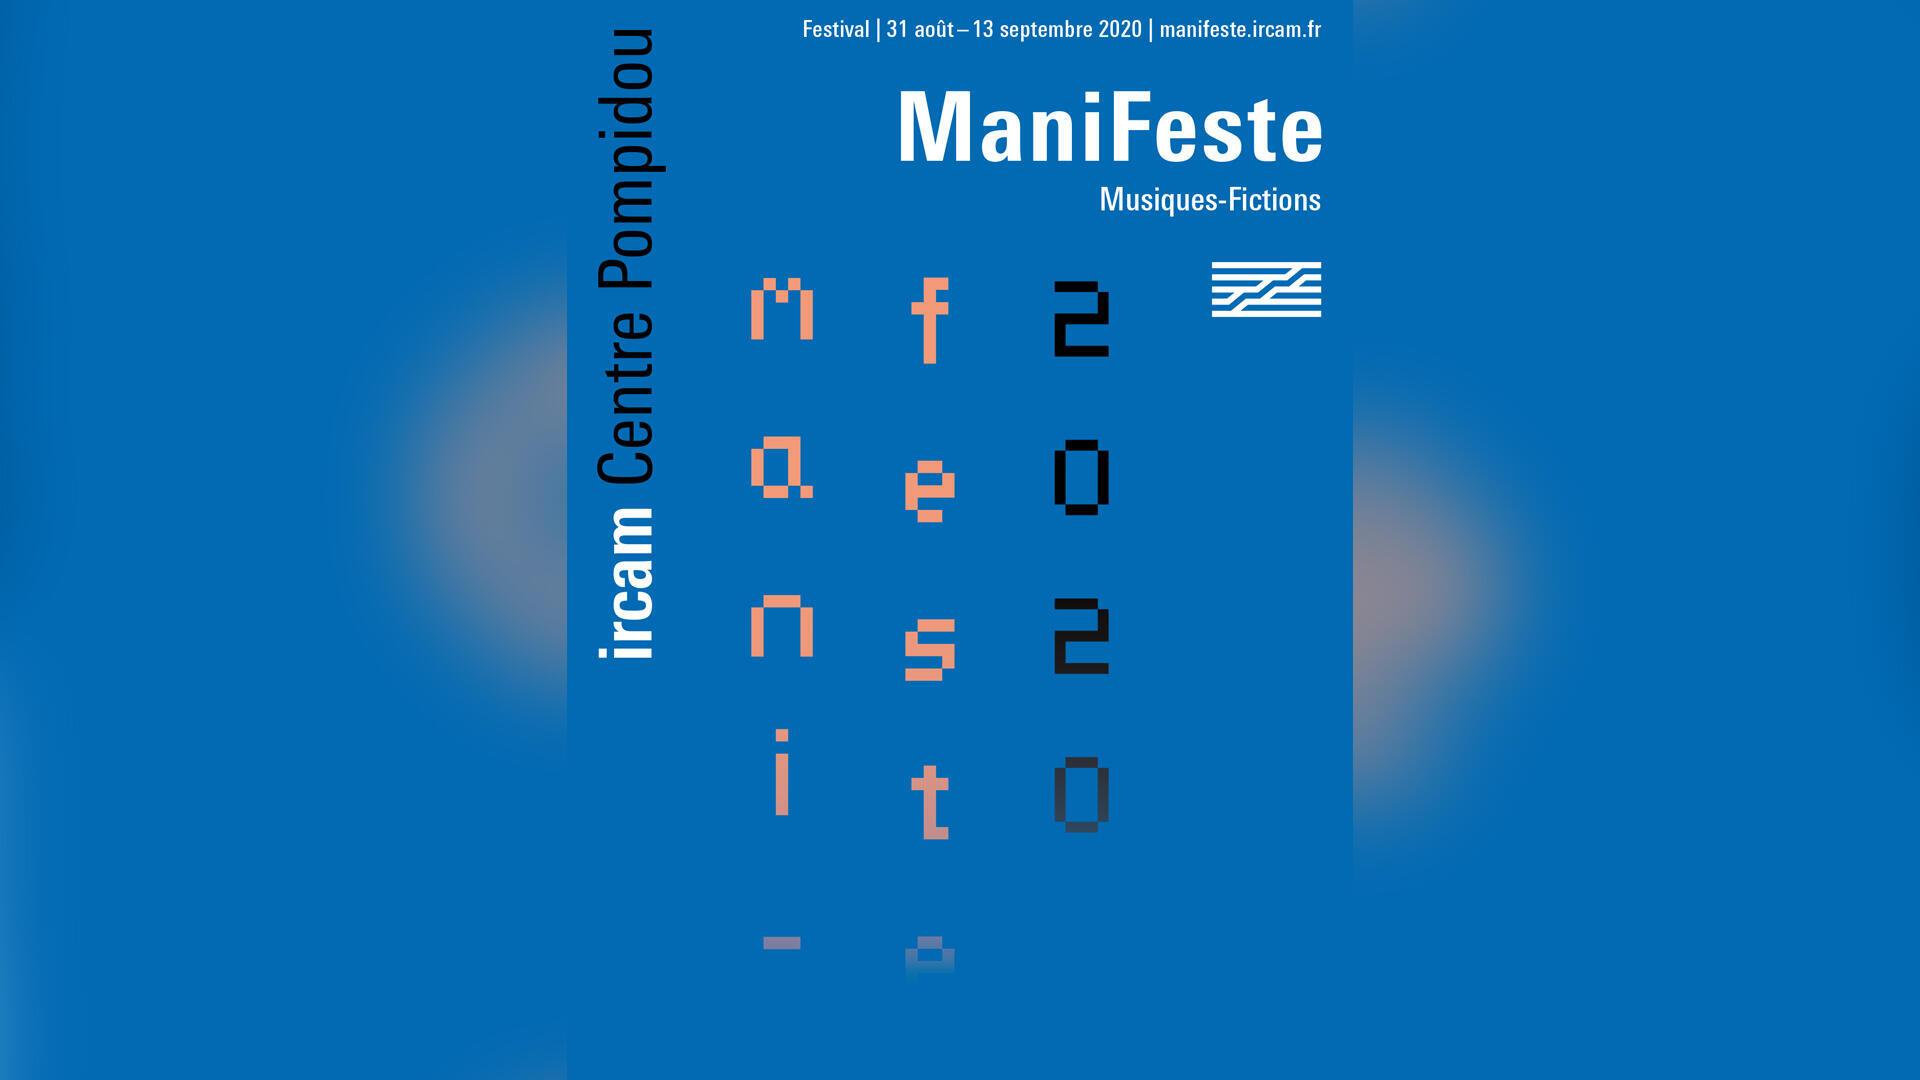 Le festival ManiFeste se tient jusqu'au 13 septembre 2020.